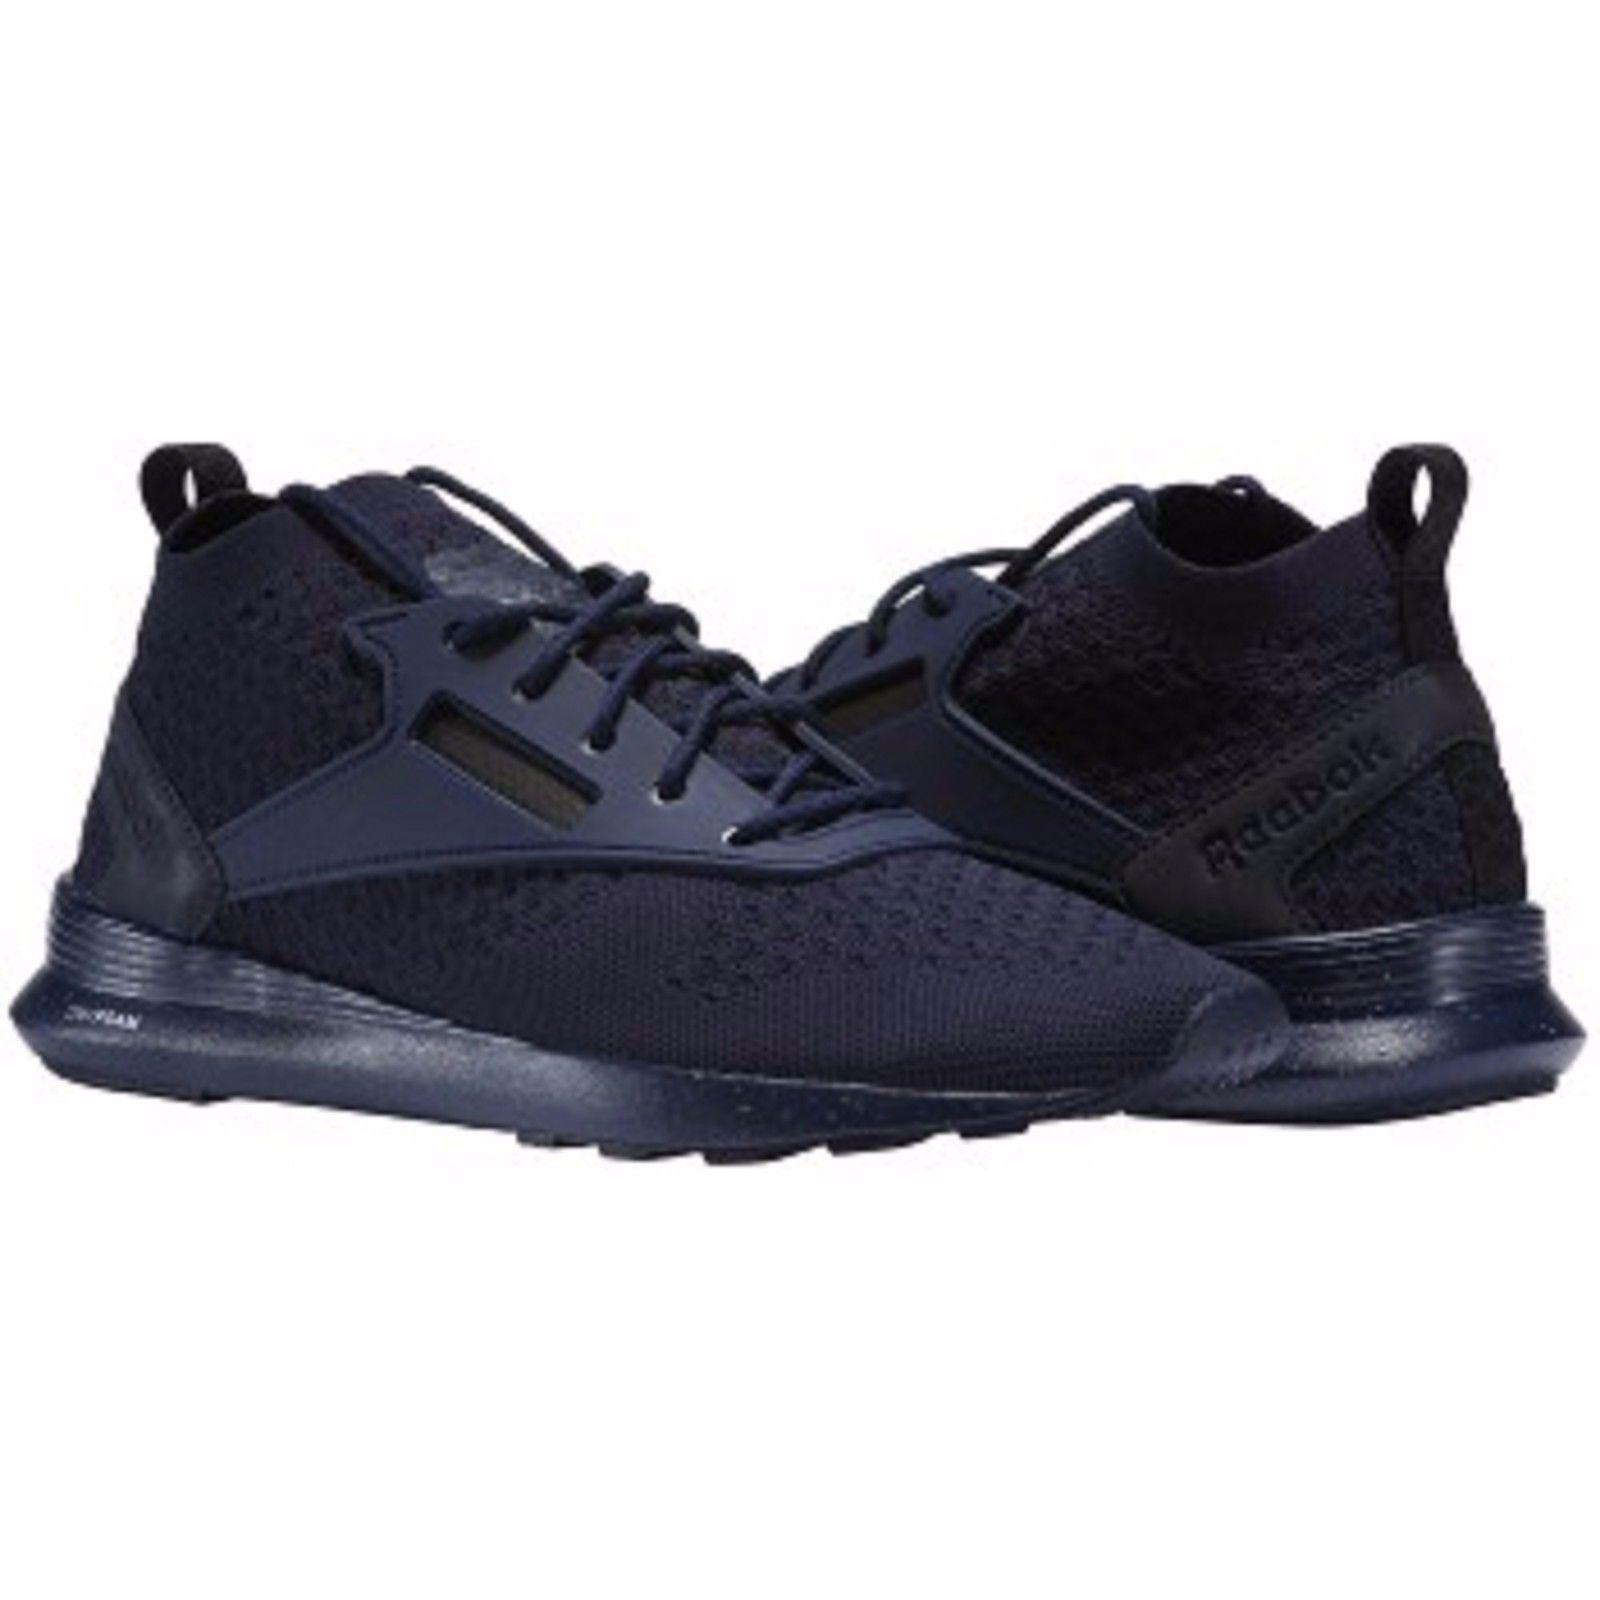 Reebok ZOKU Runner Ultra De Punto Hombre Zapatillas Zapatos Correr BS9115 Azul Marino